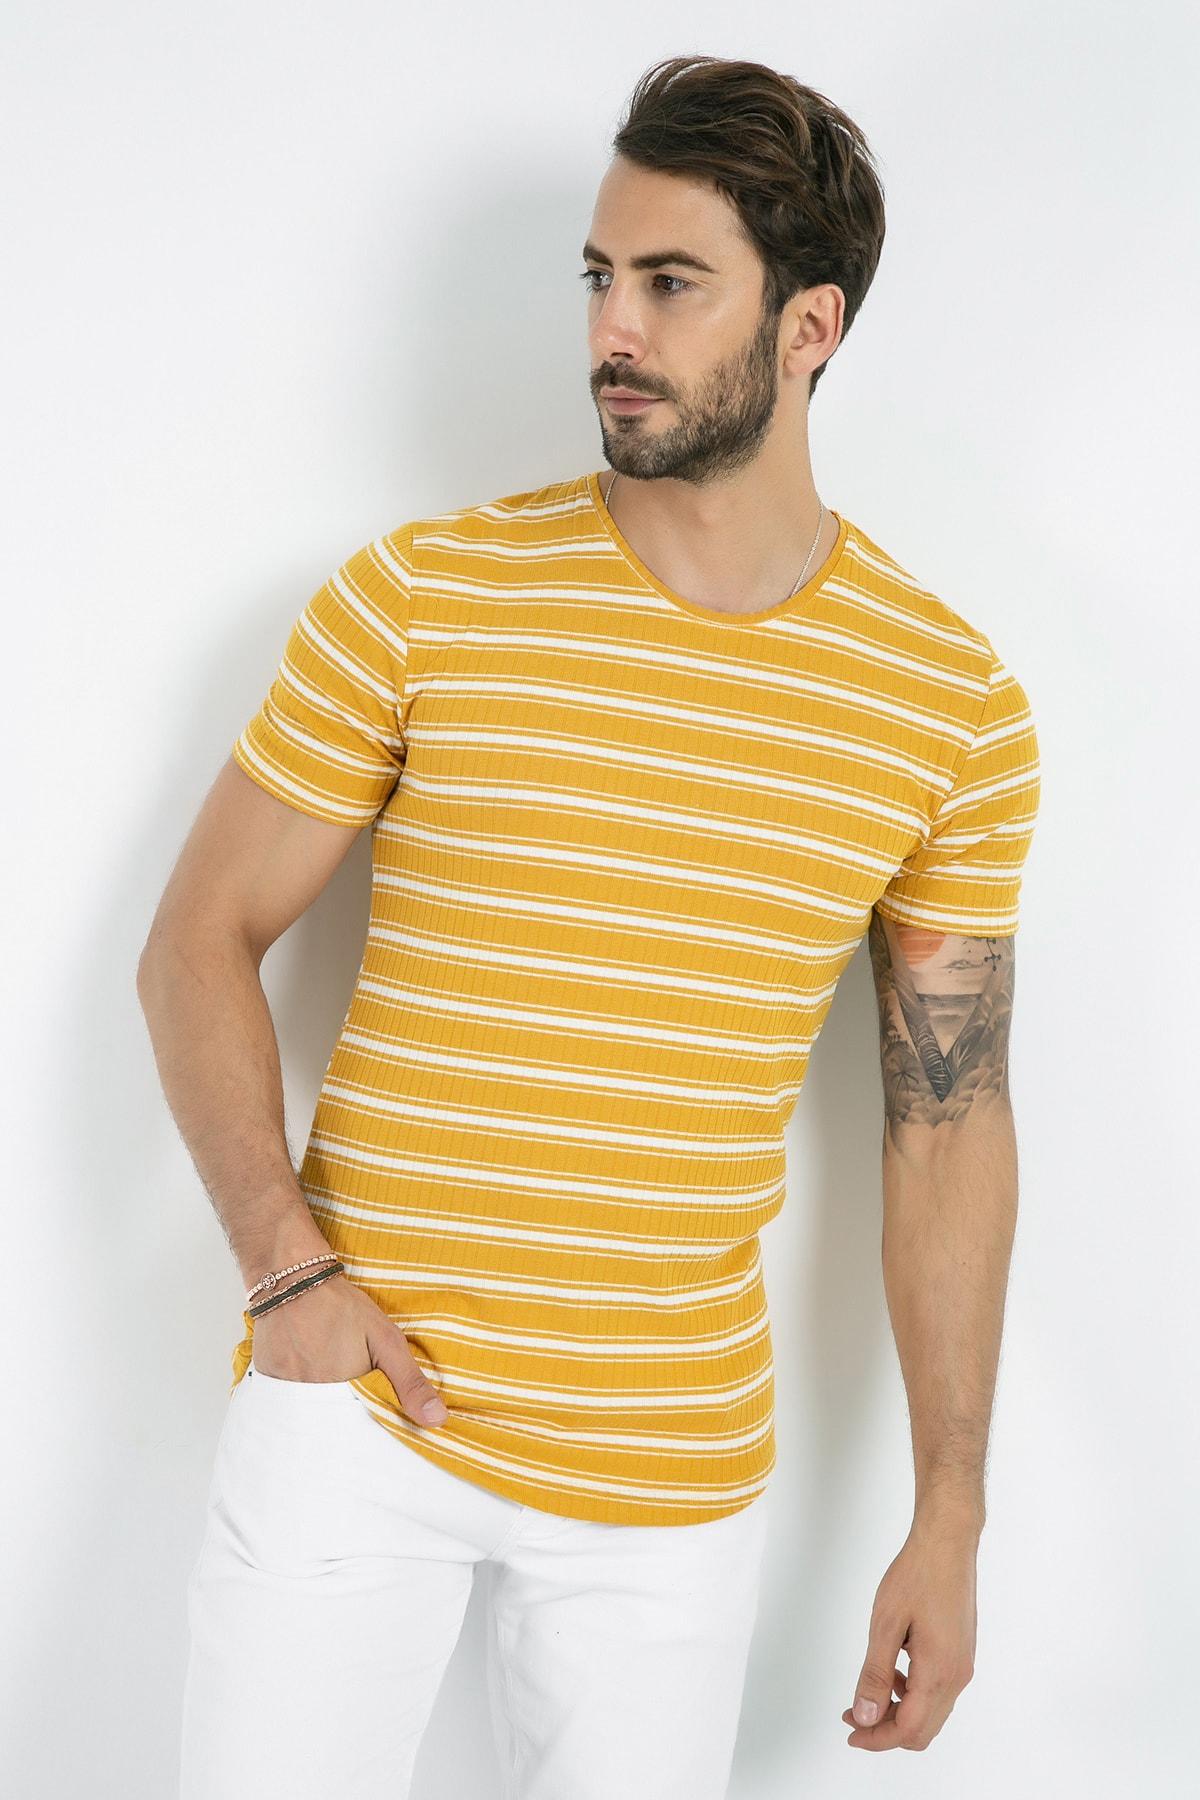 Sateen Men Erkek Sarı-Beyaz Biyeli Basic T-Shirt 131-9039 131-9039